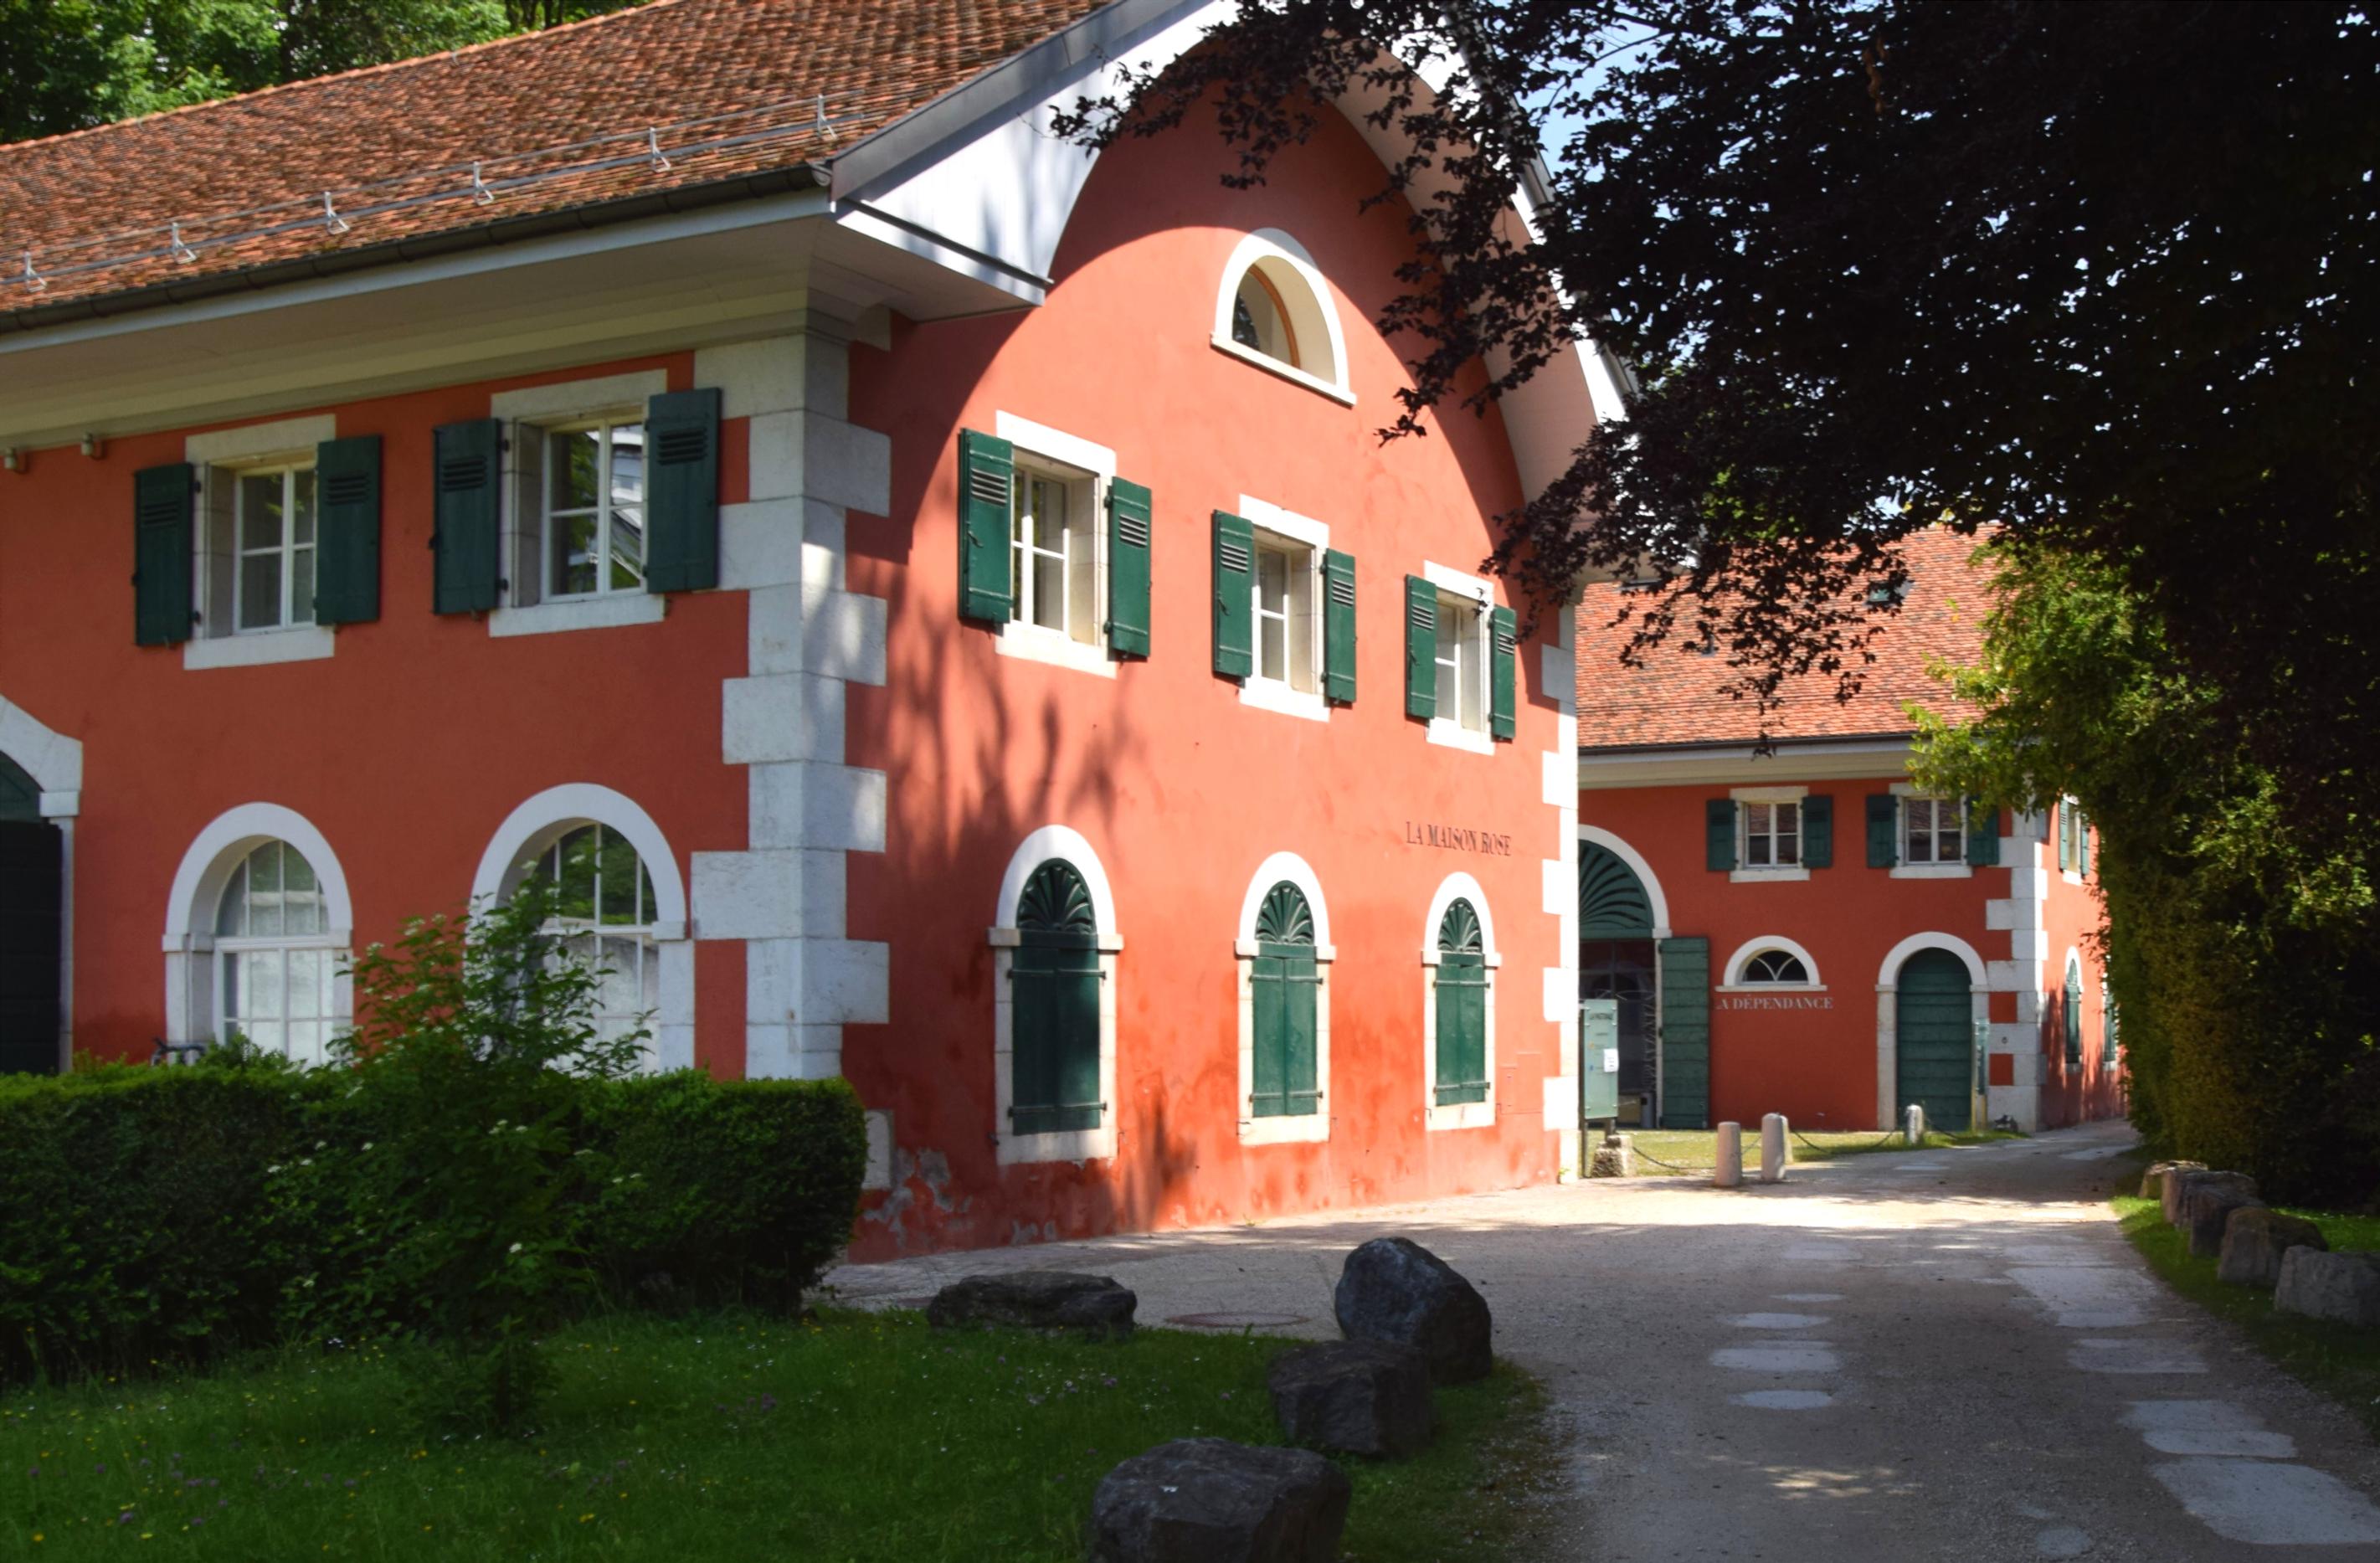 La maison rose aujourd'hui, siège du CAGI (CENTRE D'ACCUEIL DE LA GENÈVE INTERNATIONALE).